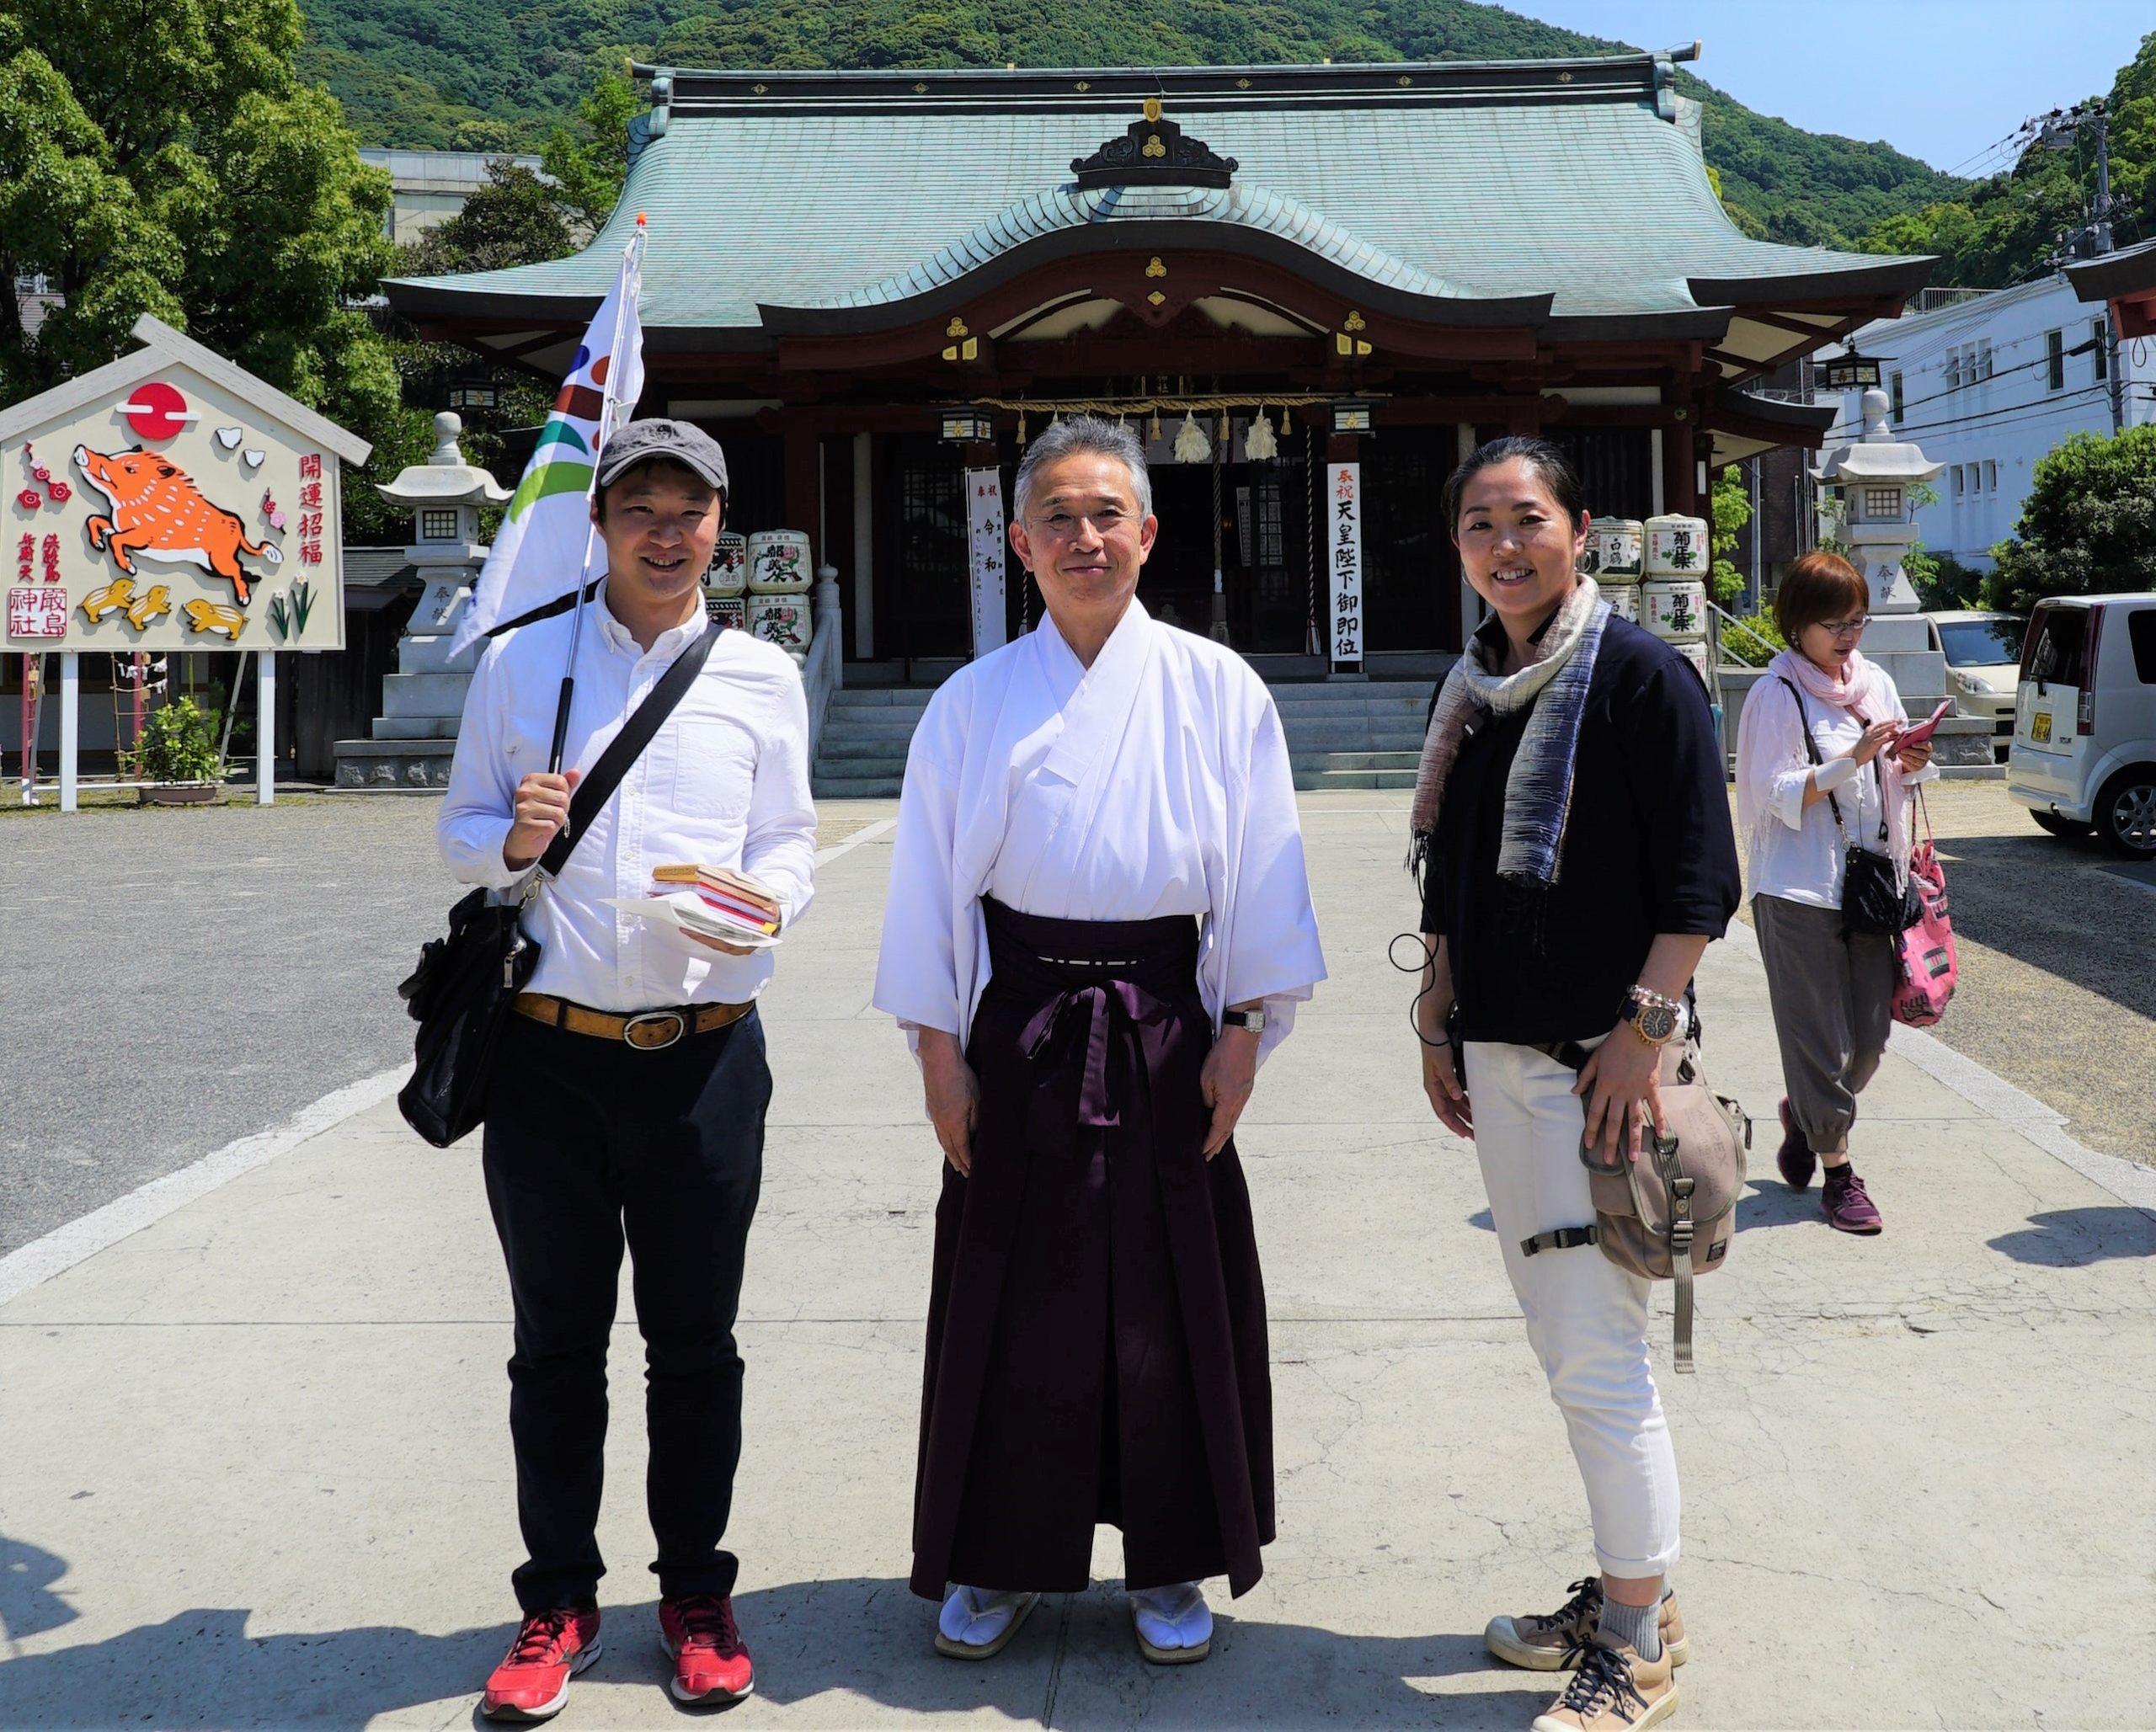 淡路島 風水バスツアー/神戸新聞文化センター主催(ツアーレポ)